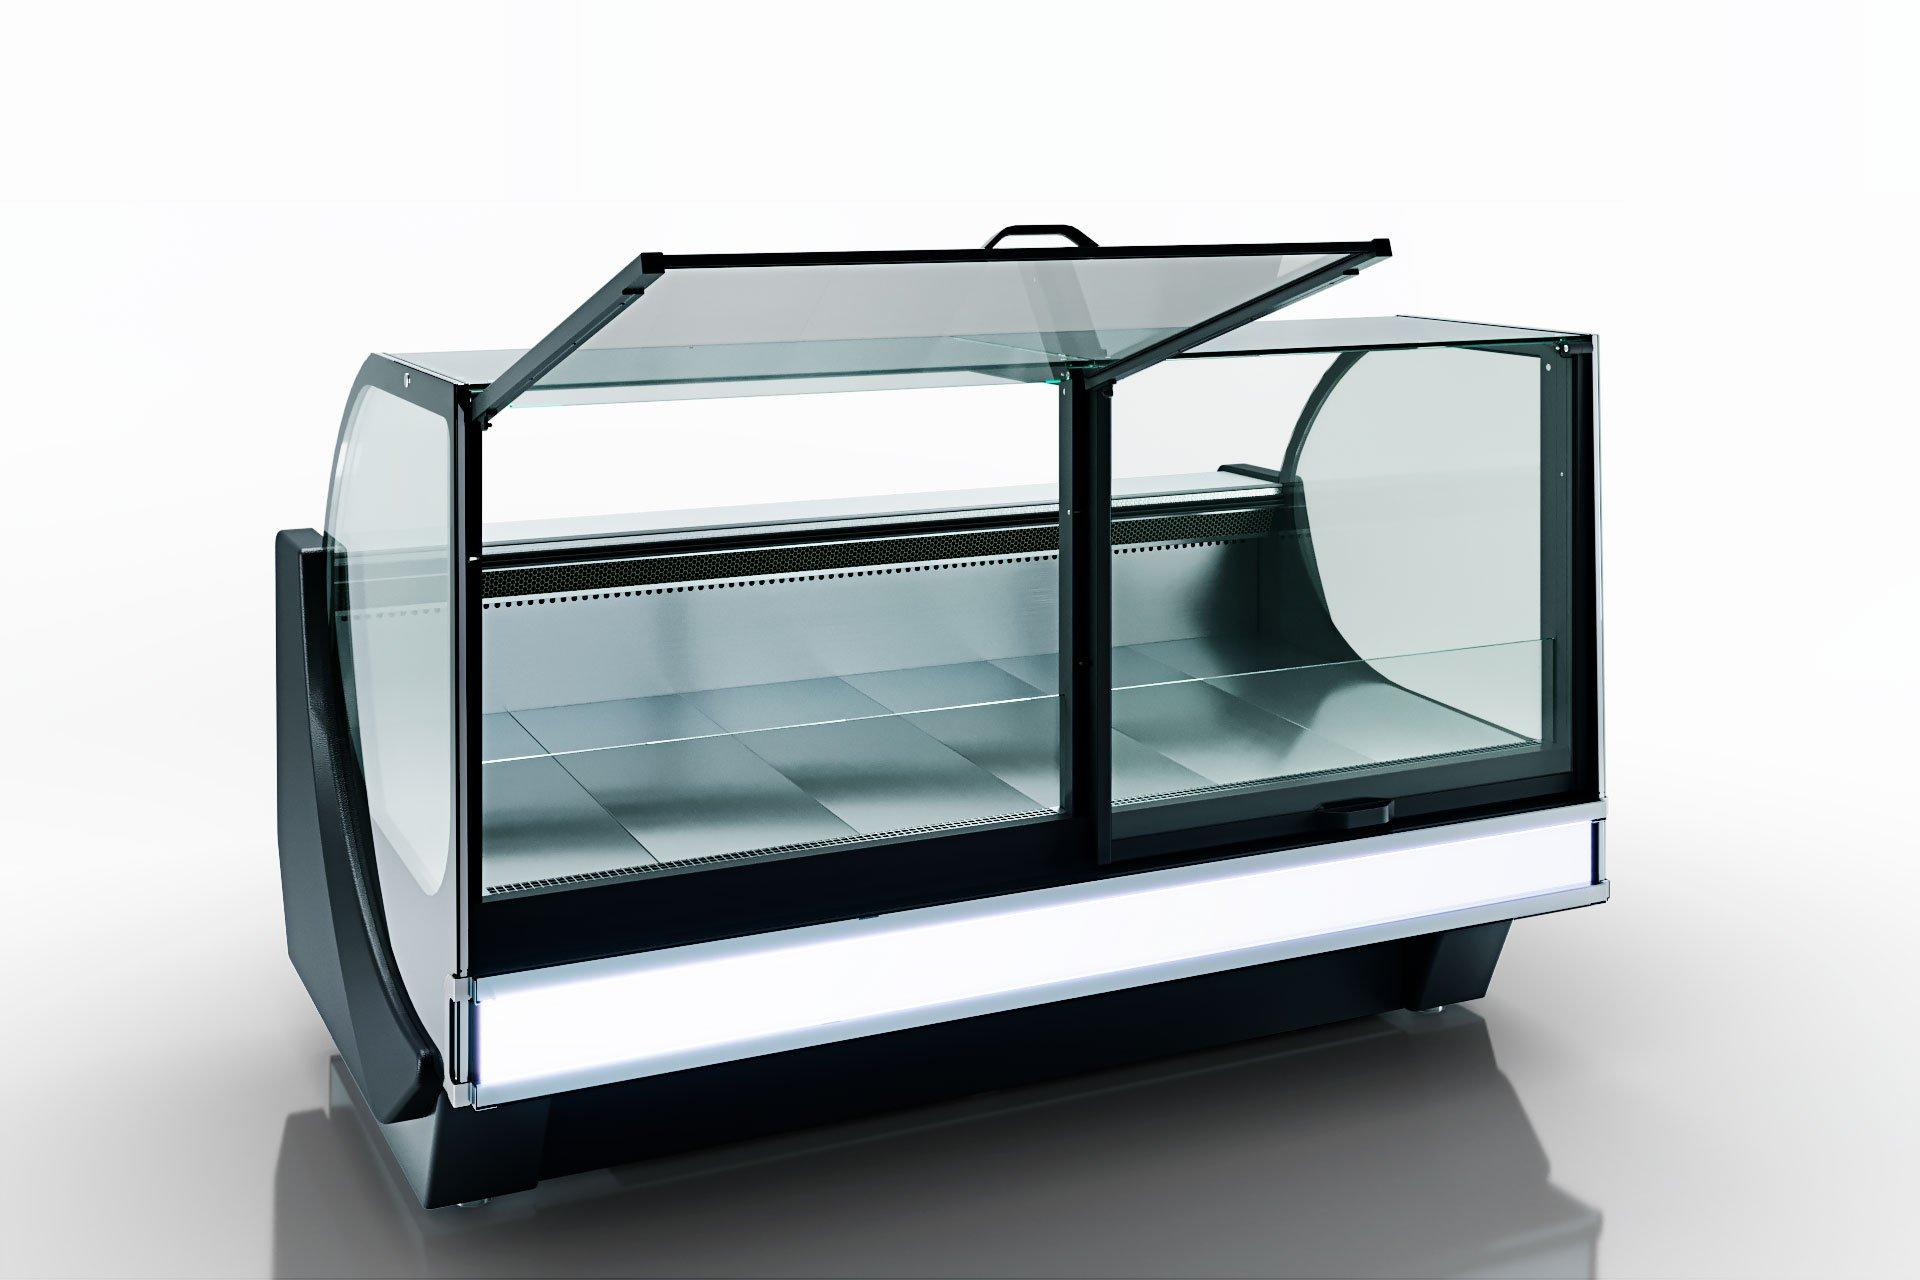 Холодильна вітрина Missouri cold diamond MC 115 deli PS 2 121-DLA